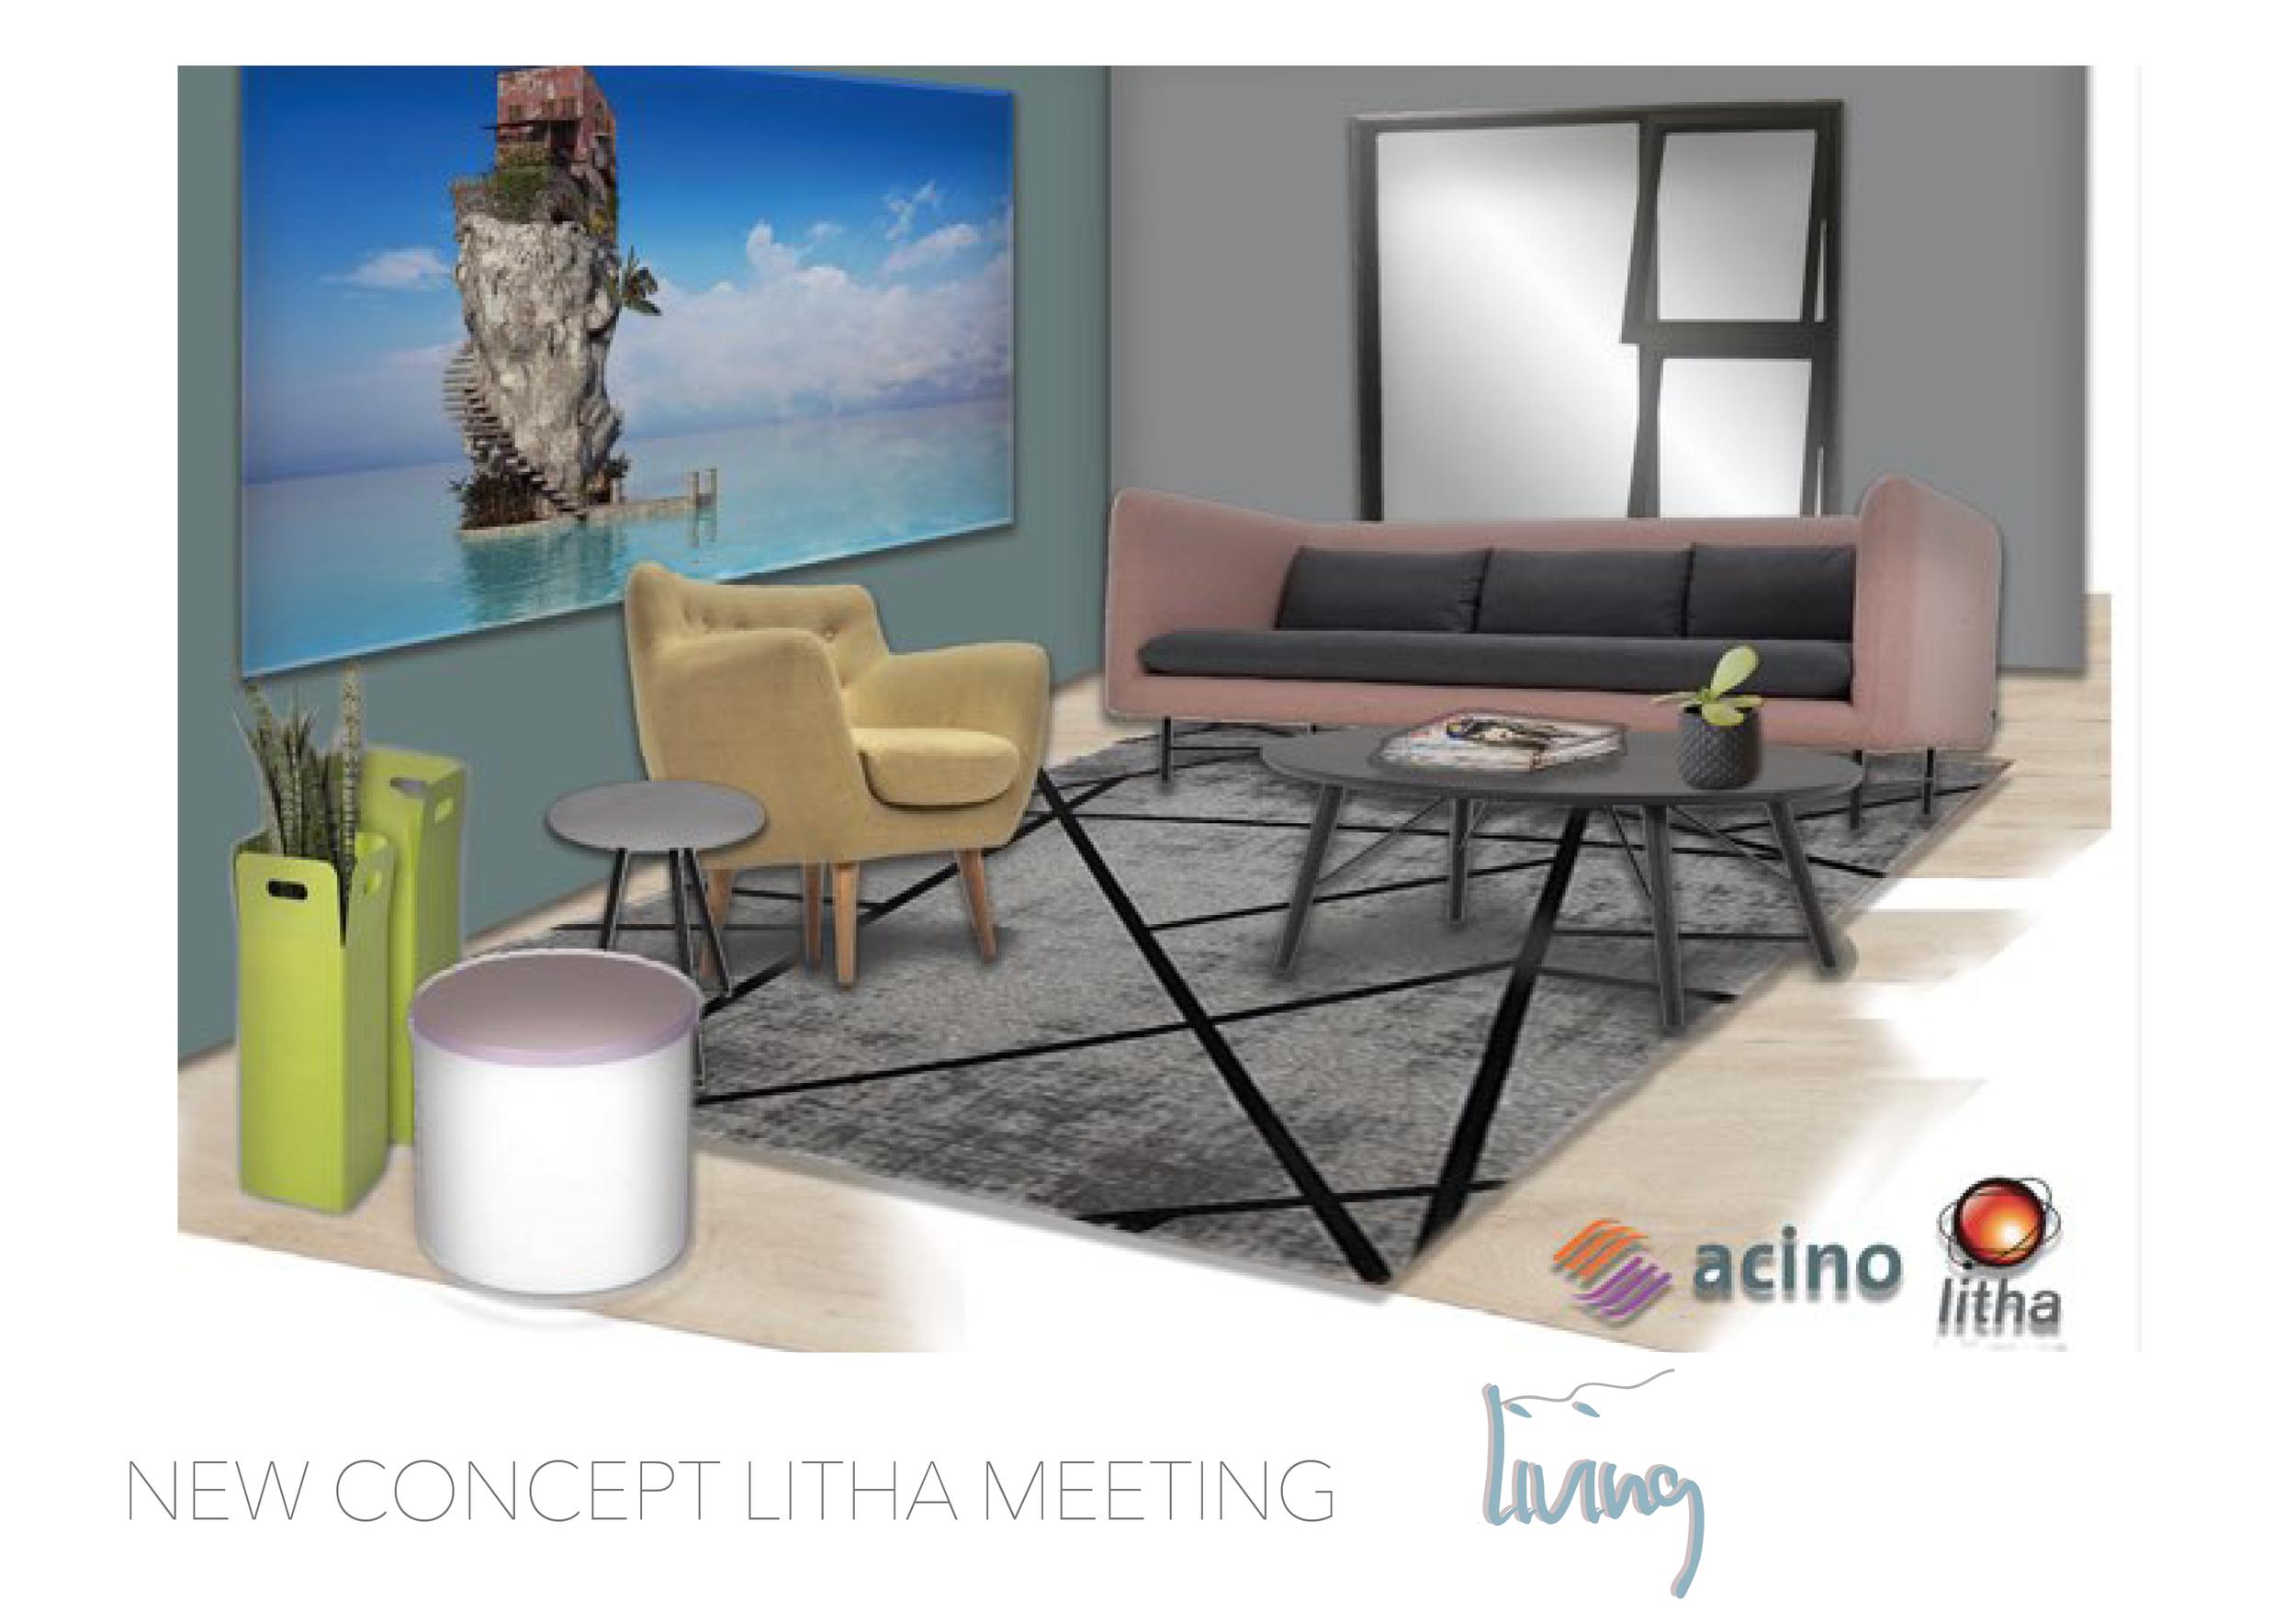 Litha_Concept_web9.png